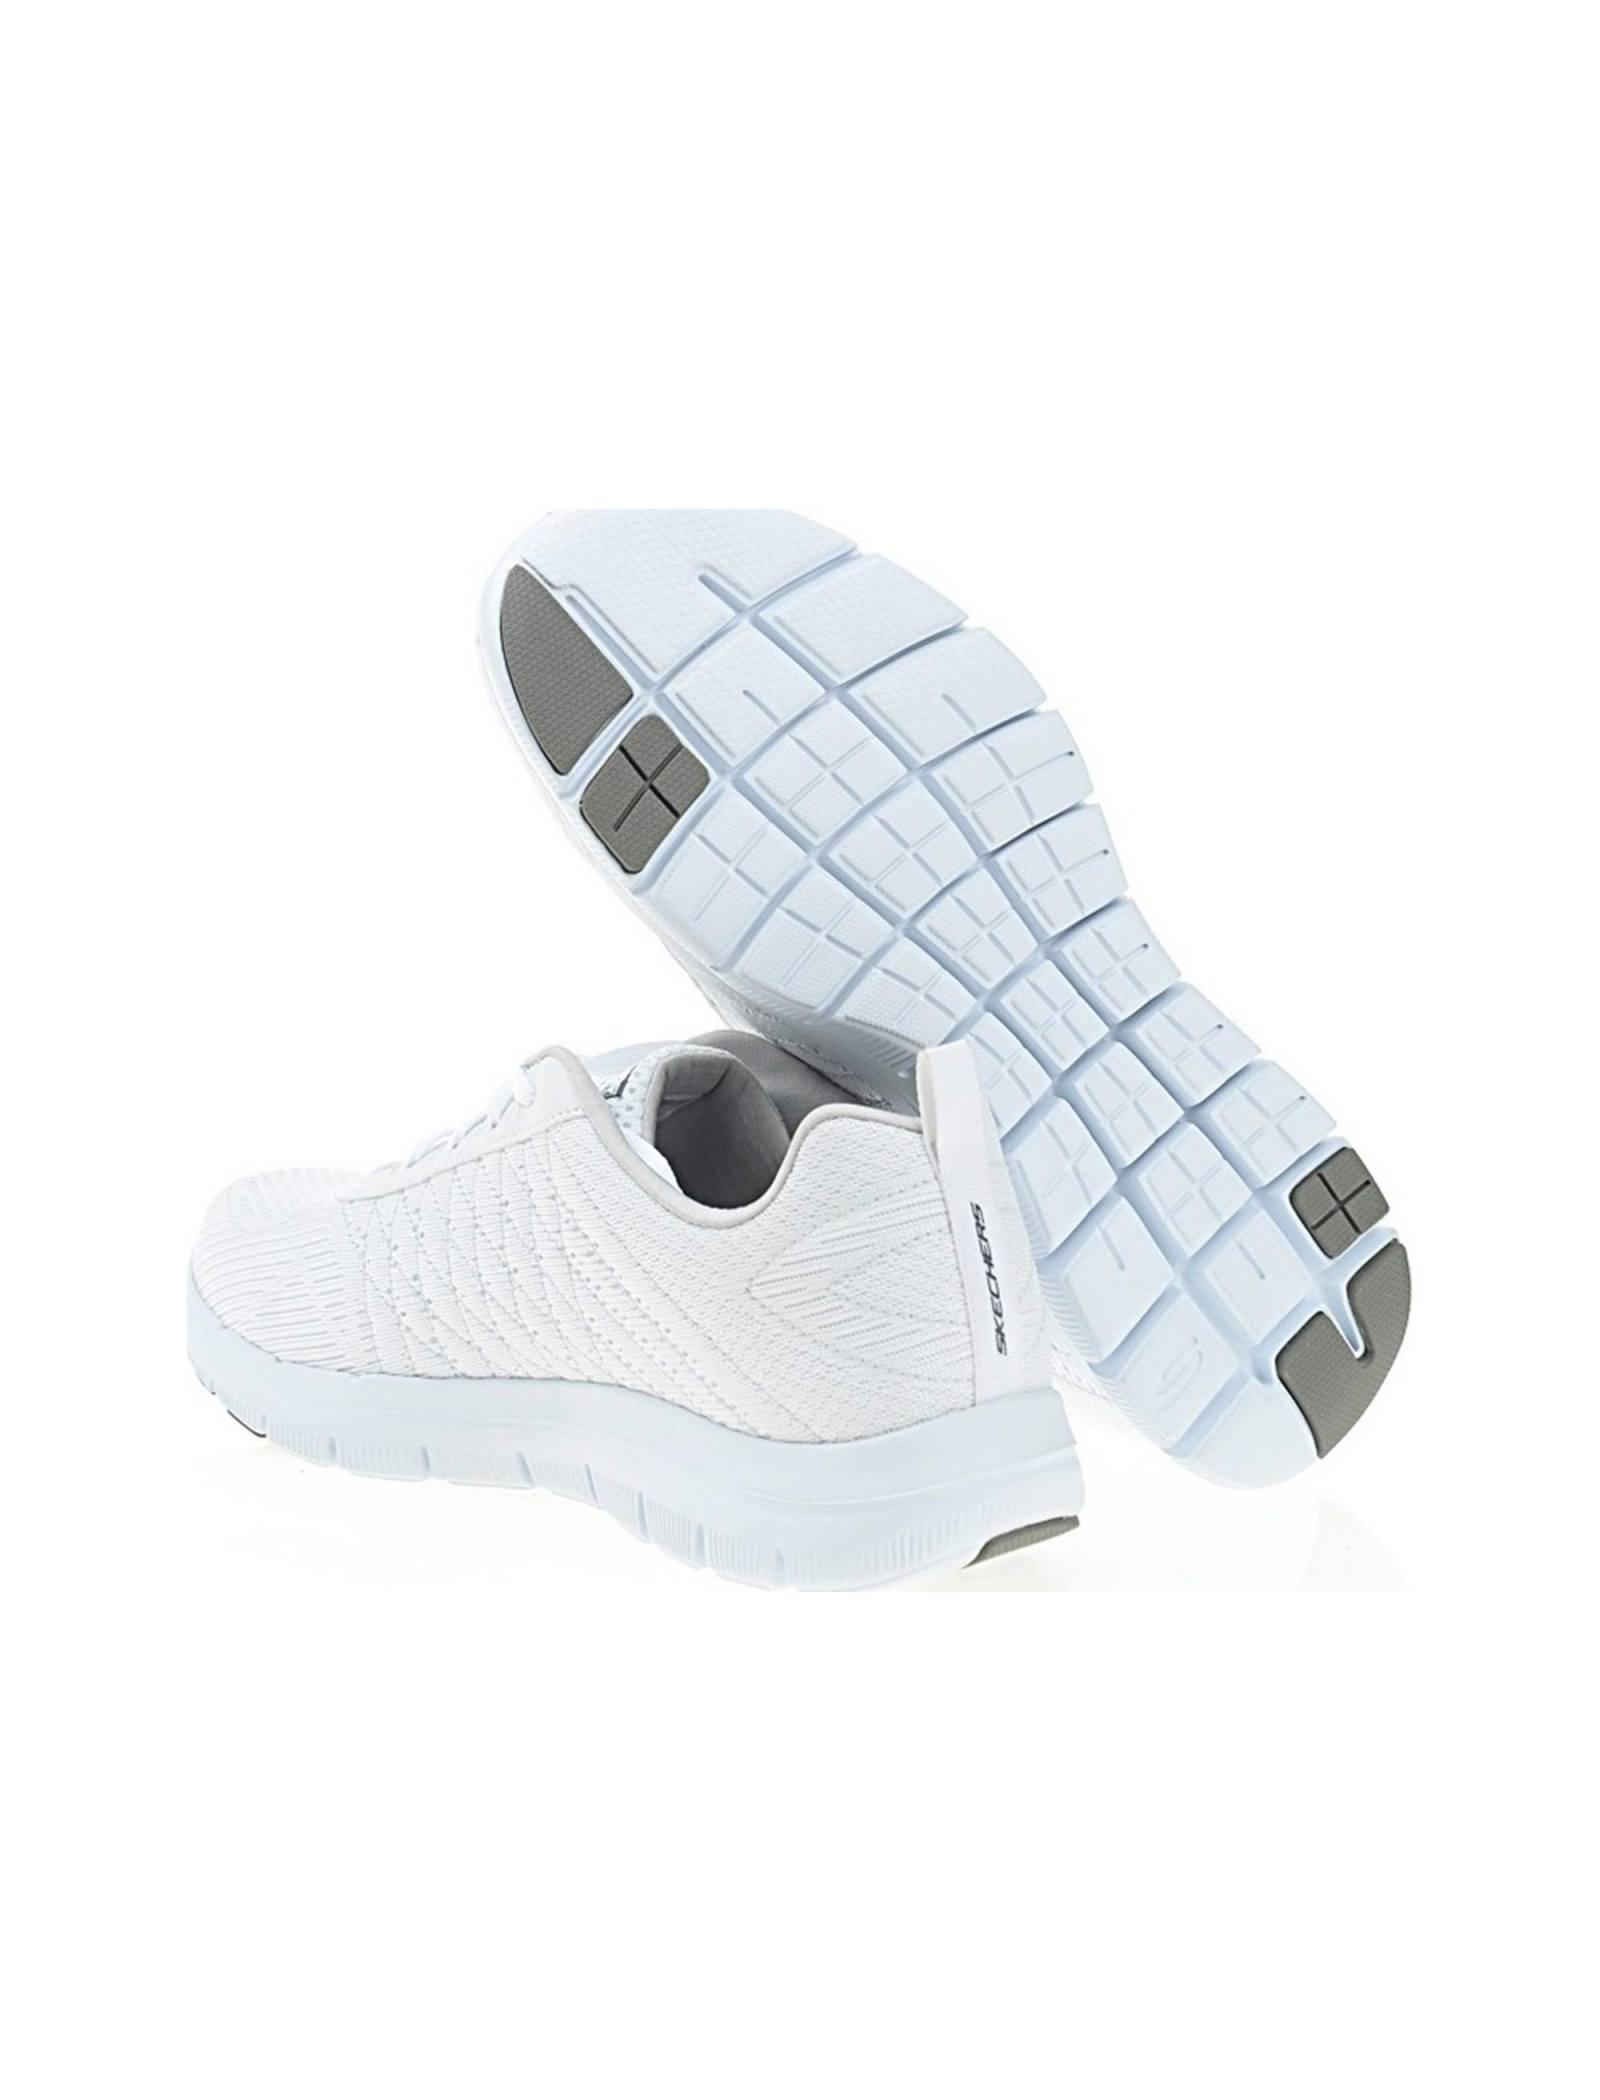 کفش تمرین بندی مردانه Flex Advantage 2-0 The Happs - اسکچرز - سفيد - 4